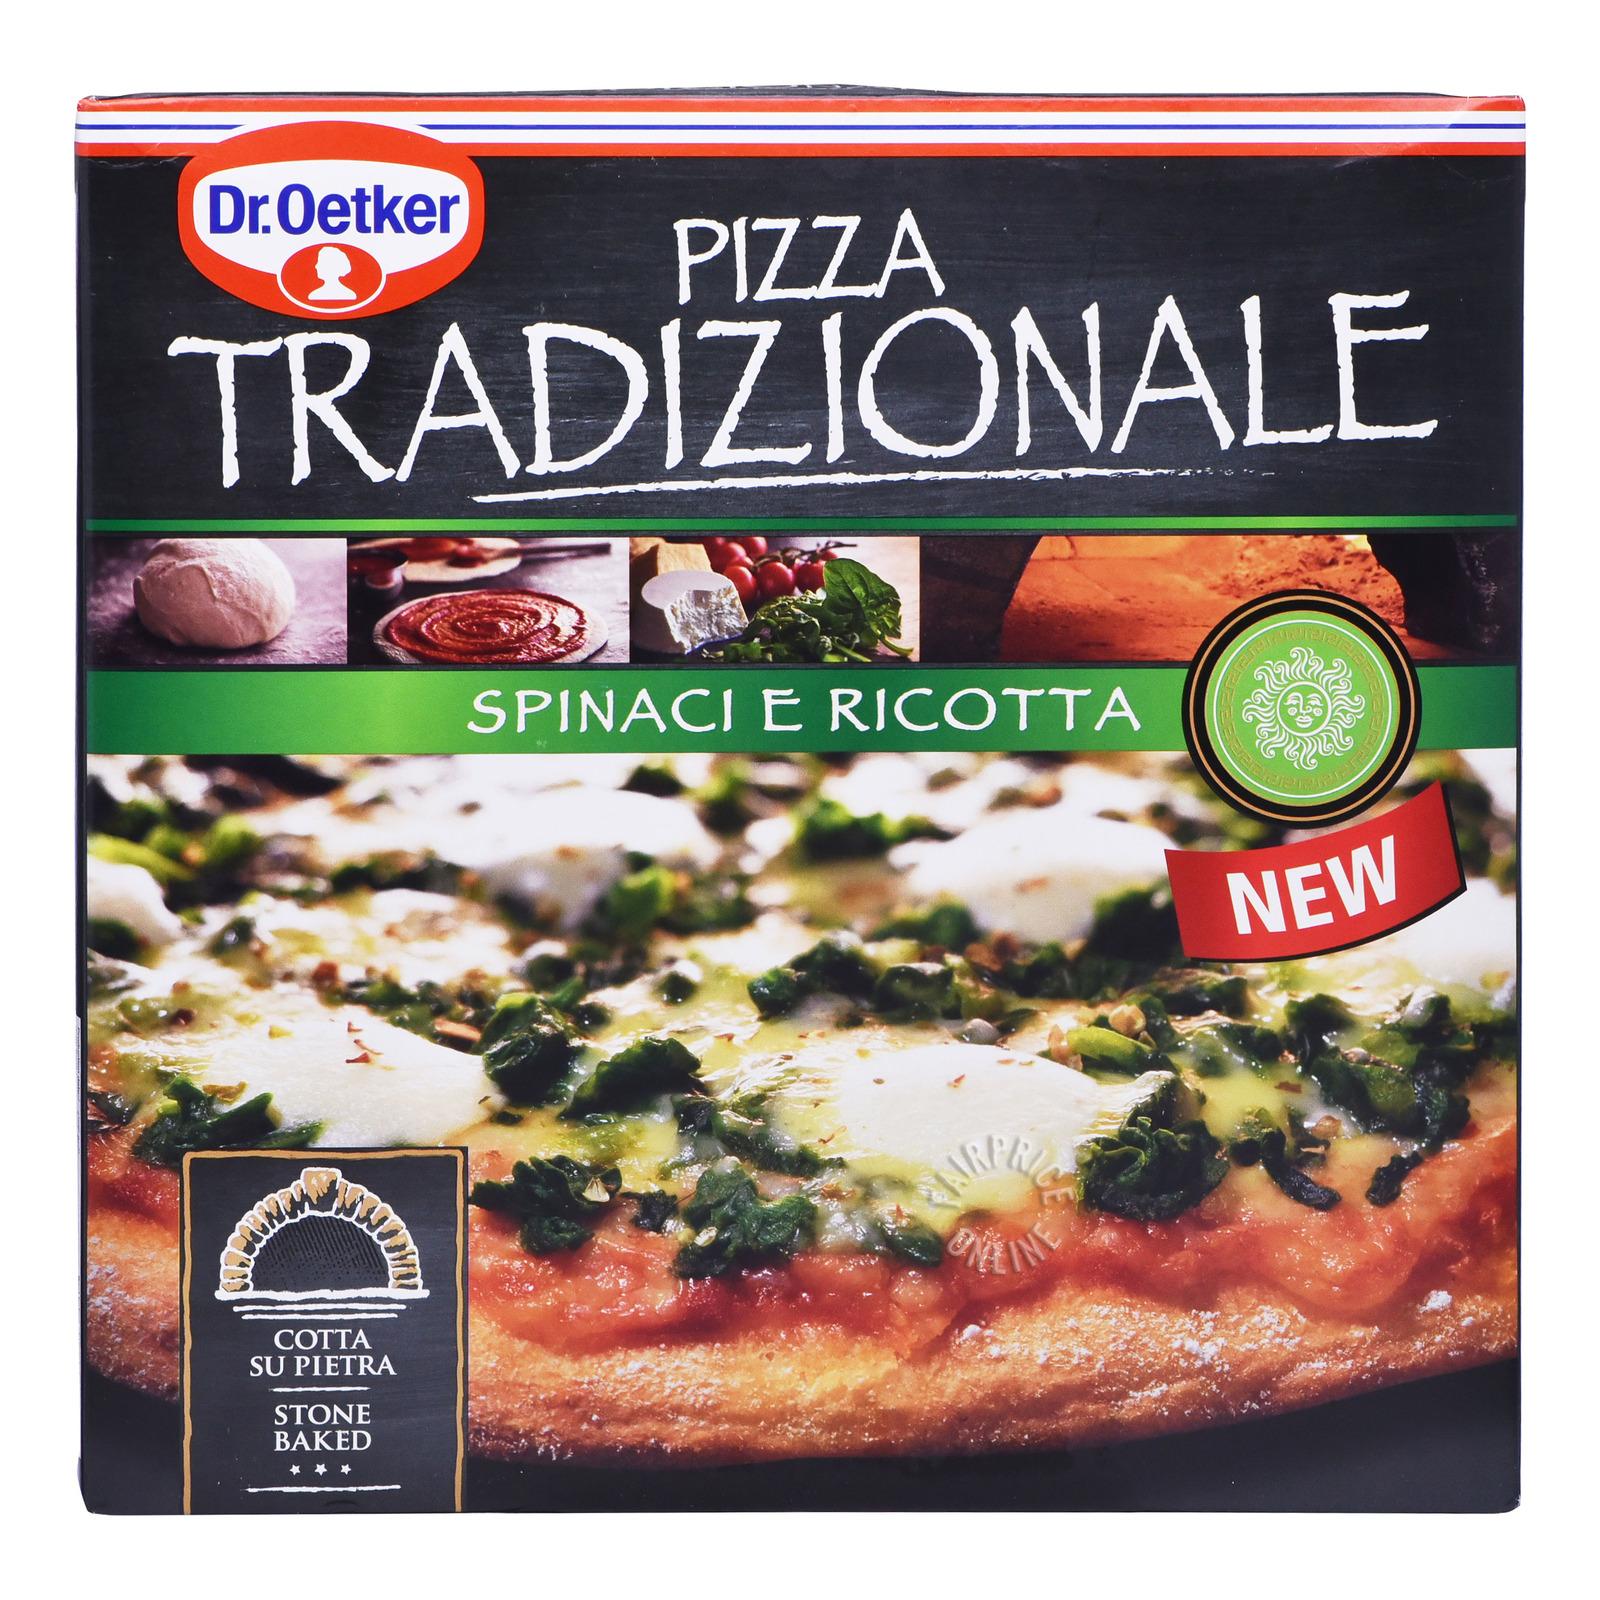 Dr Oetker Tradizionale Pizza - Spinaci E Ricotta